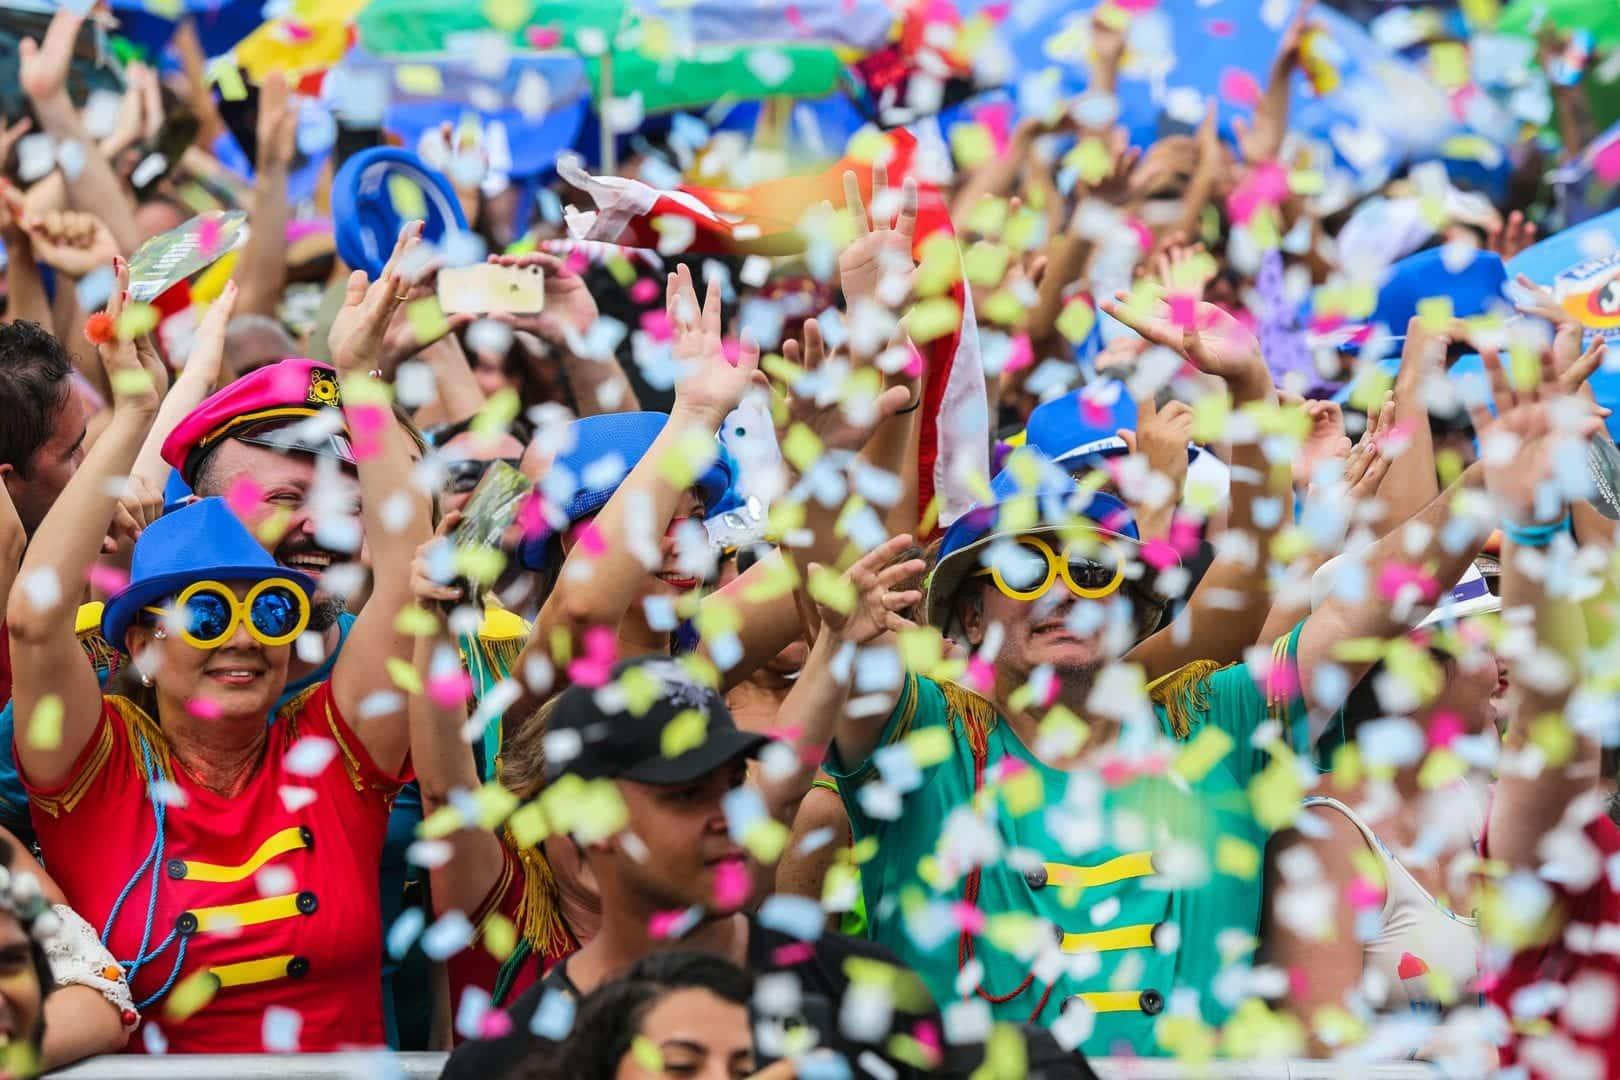 Dicas de Carnaval - 13 dicas para curtir com saúde e tranquilidade